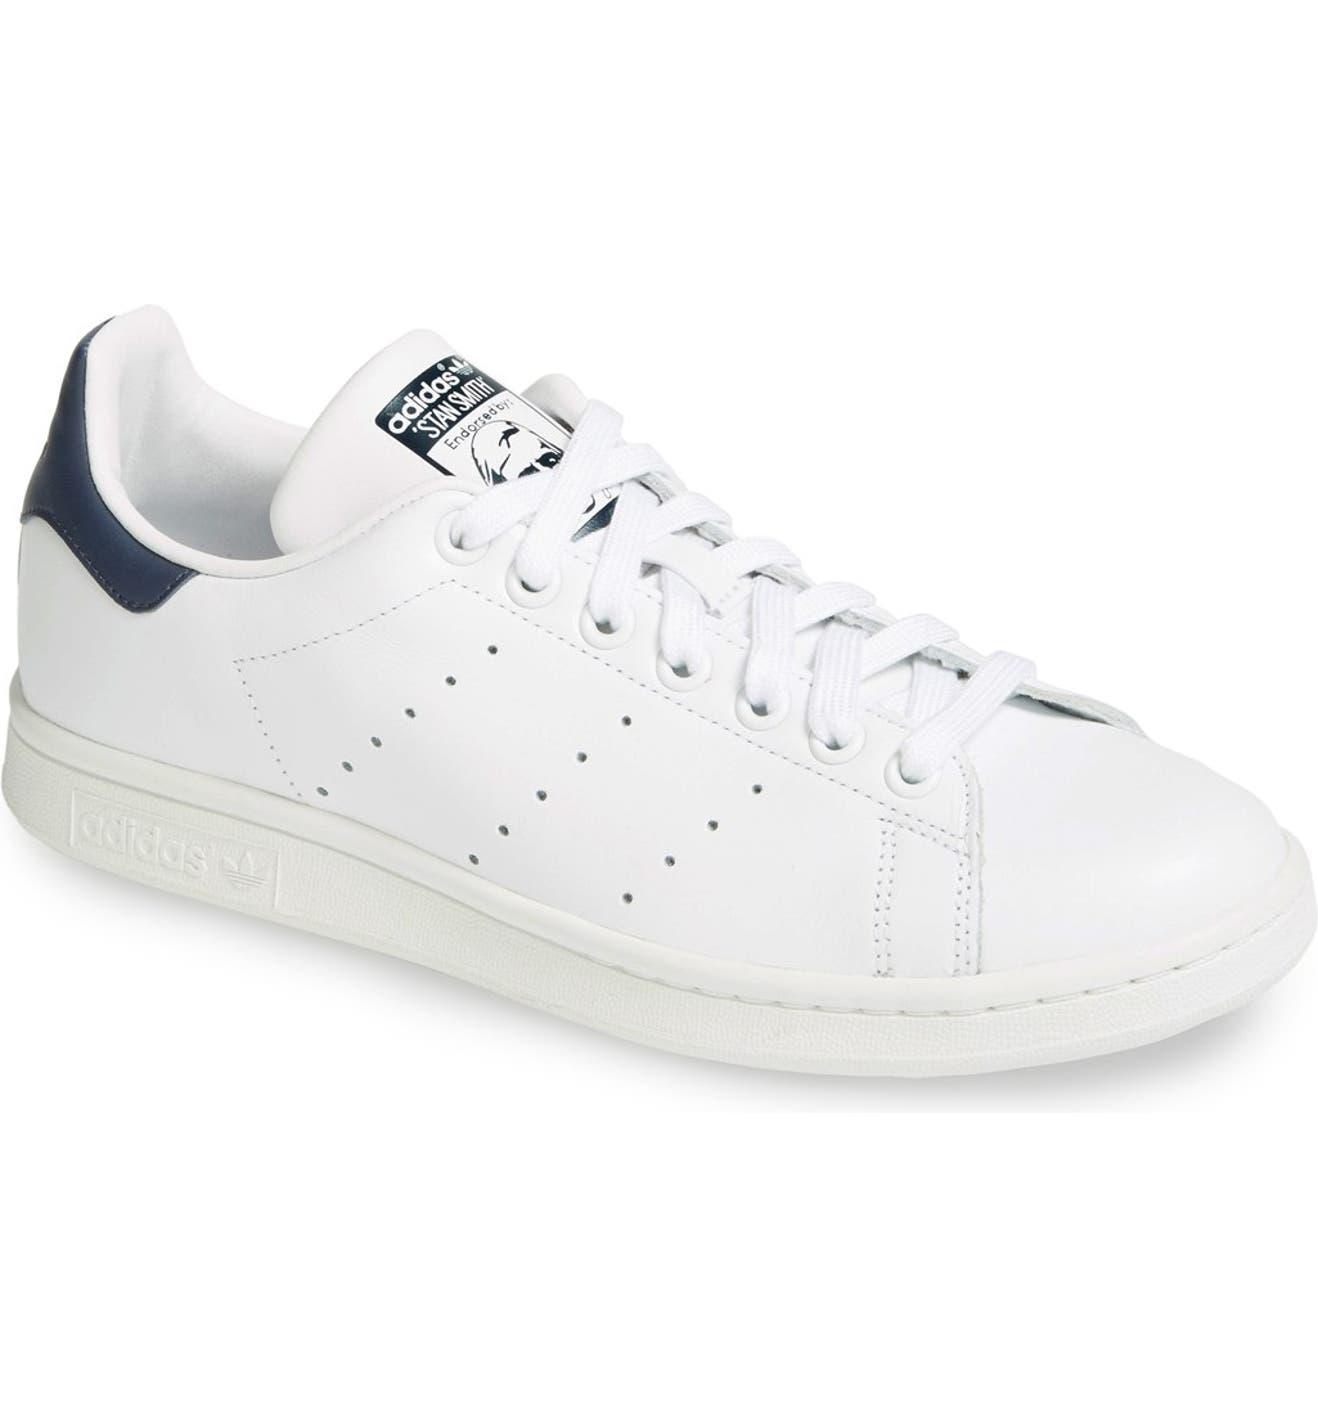 promo code 73e99 26d04 'Stan Smith' Sneaker